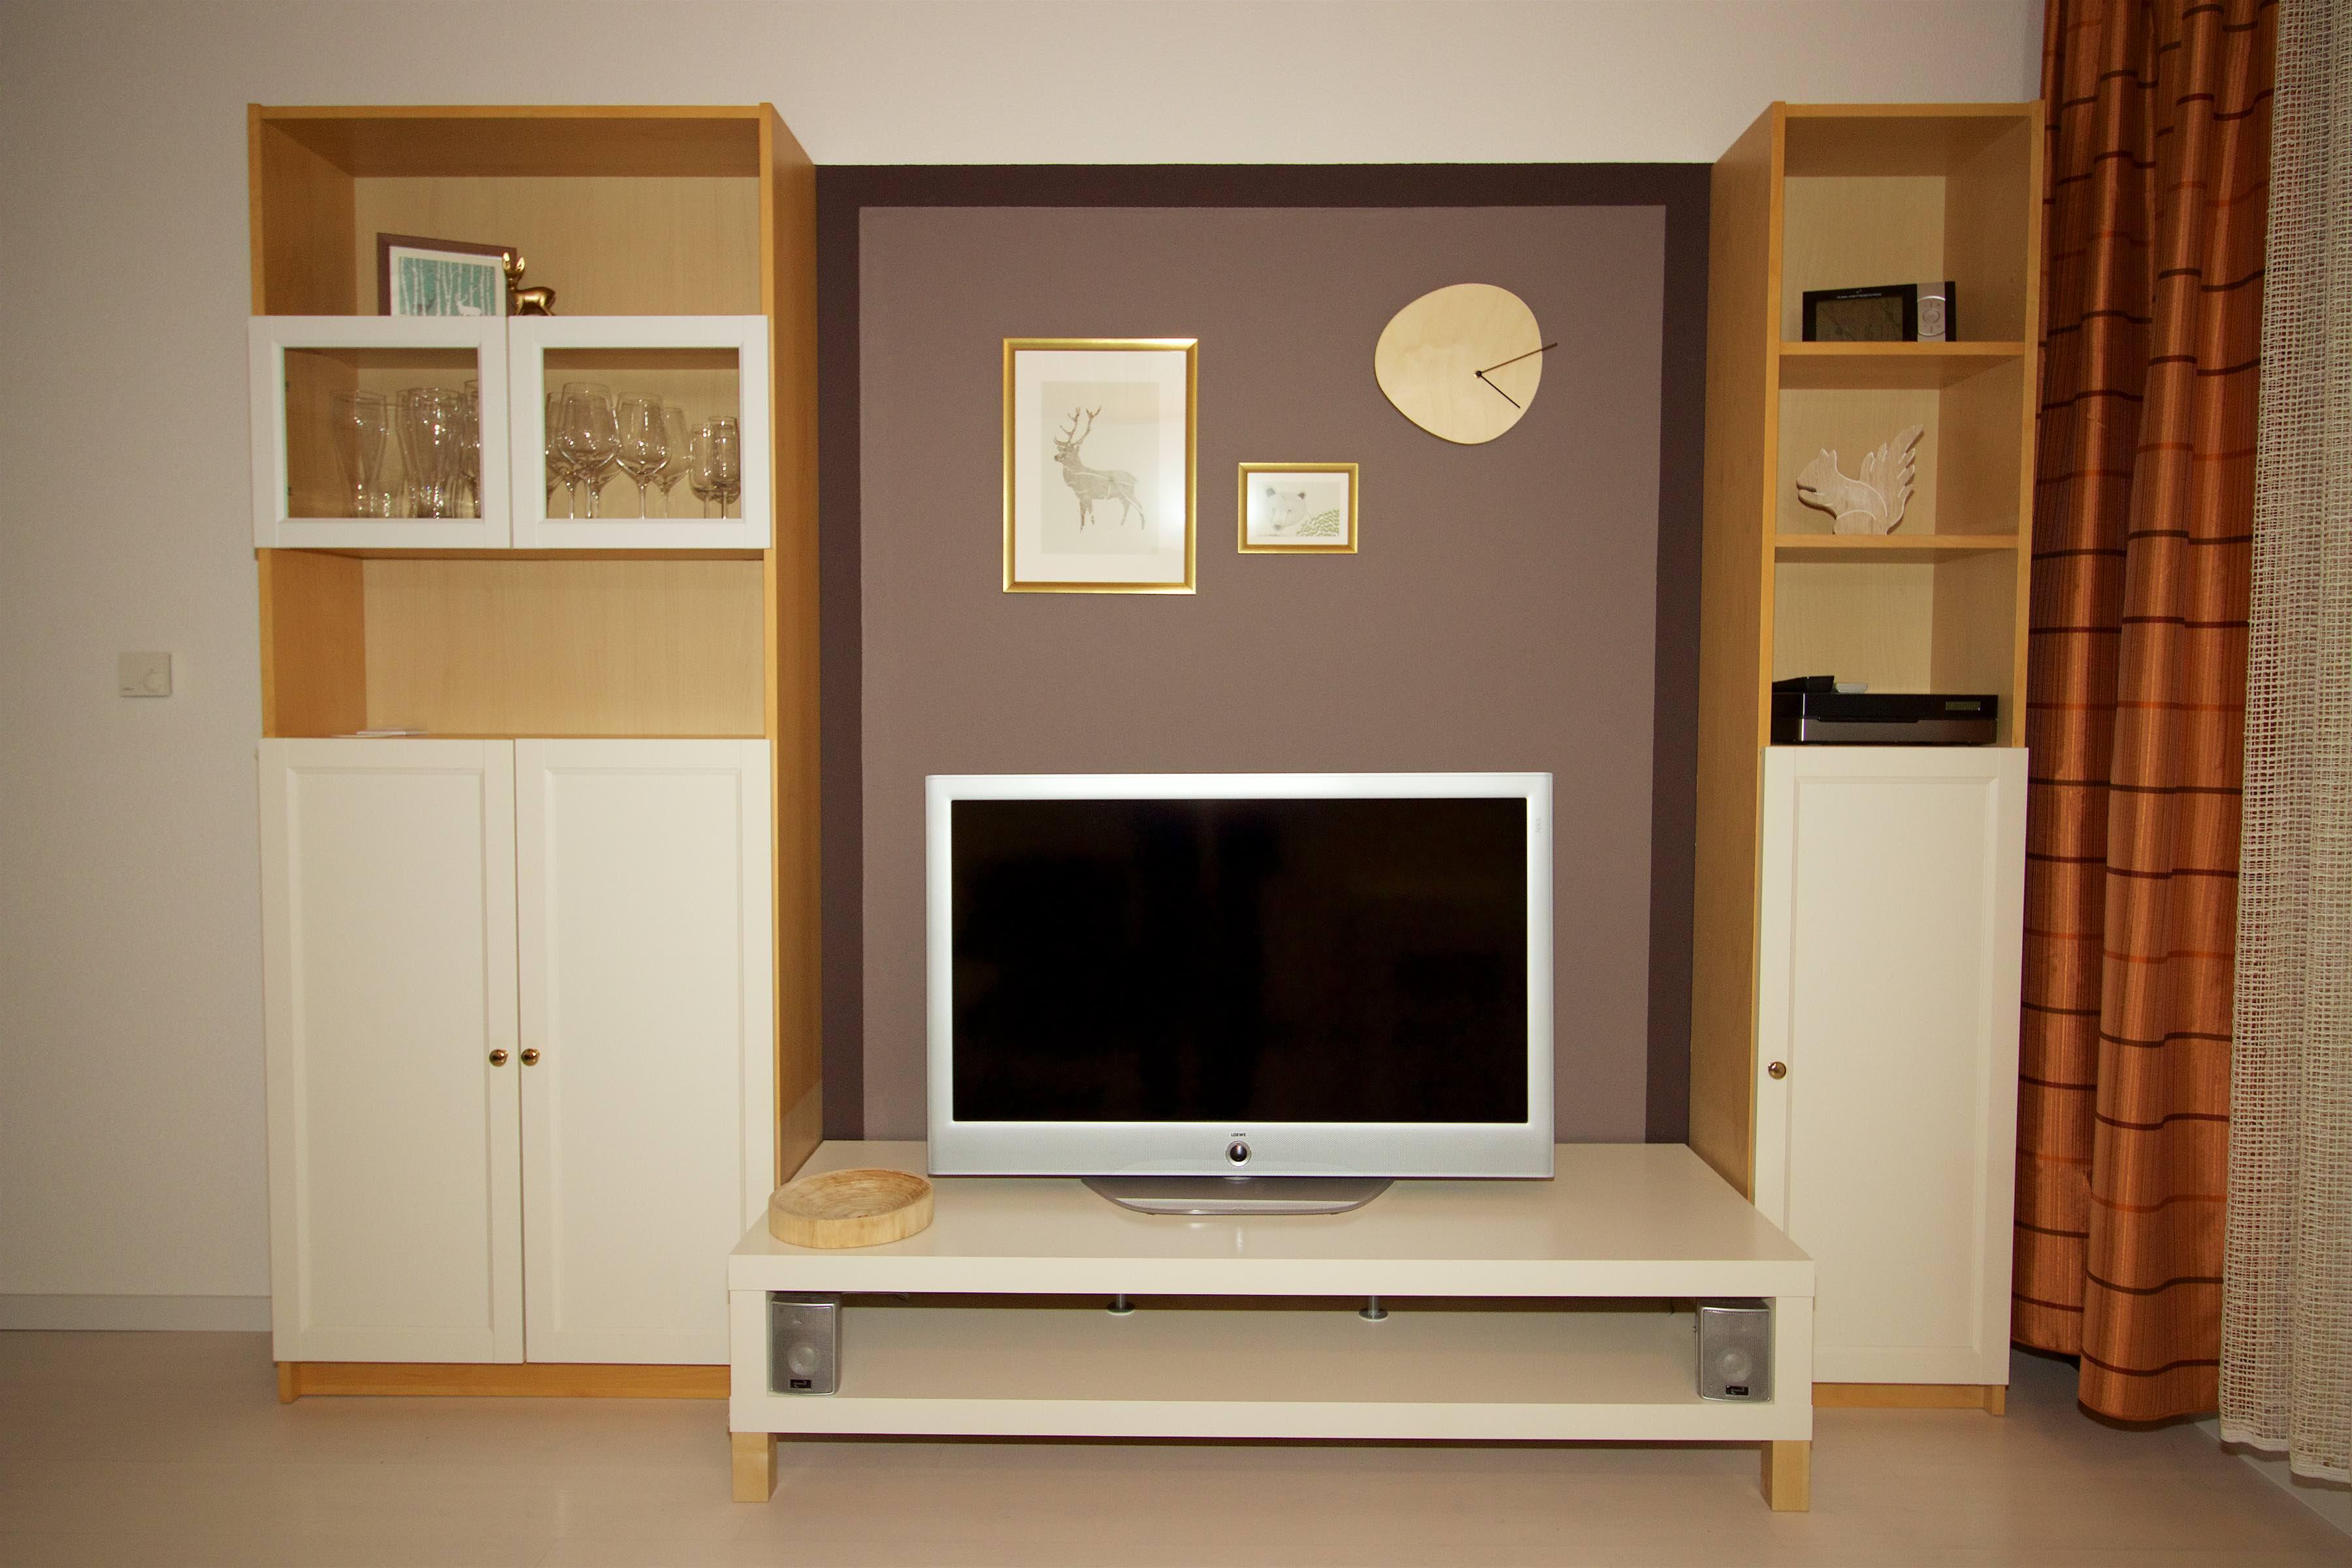 Medienwand:hier sehen Sie das Wohnzimmer mit der Mediawand. Vorhanden ist ein moderner Flachbildschirm mit digitalem SAT und Kabel Empfang. Ebenso vorhanden ist eine Musikanlage mit DVD und CD. Das Ganze ist zu genießen auf einer Ledercouch oder zwei Ledersessel.